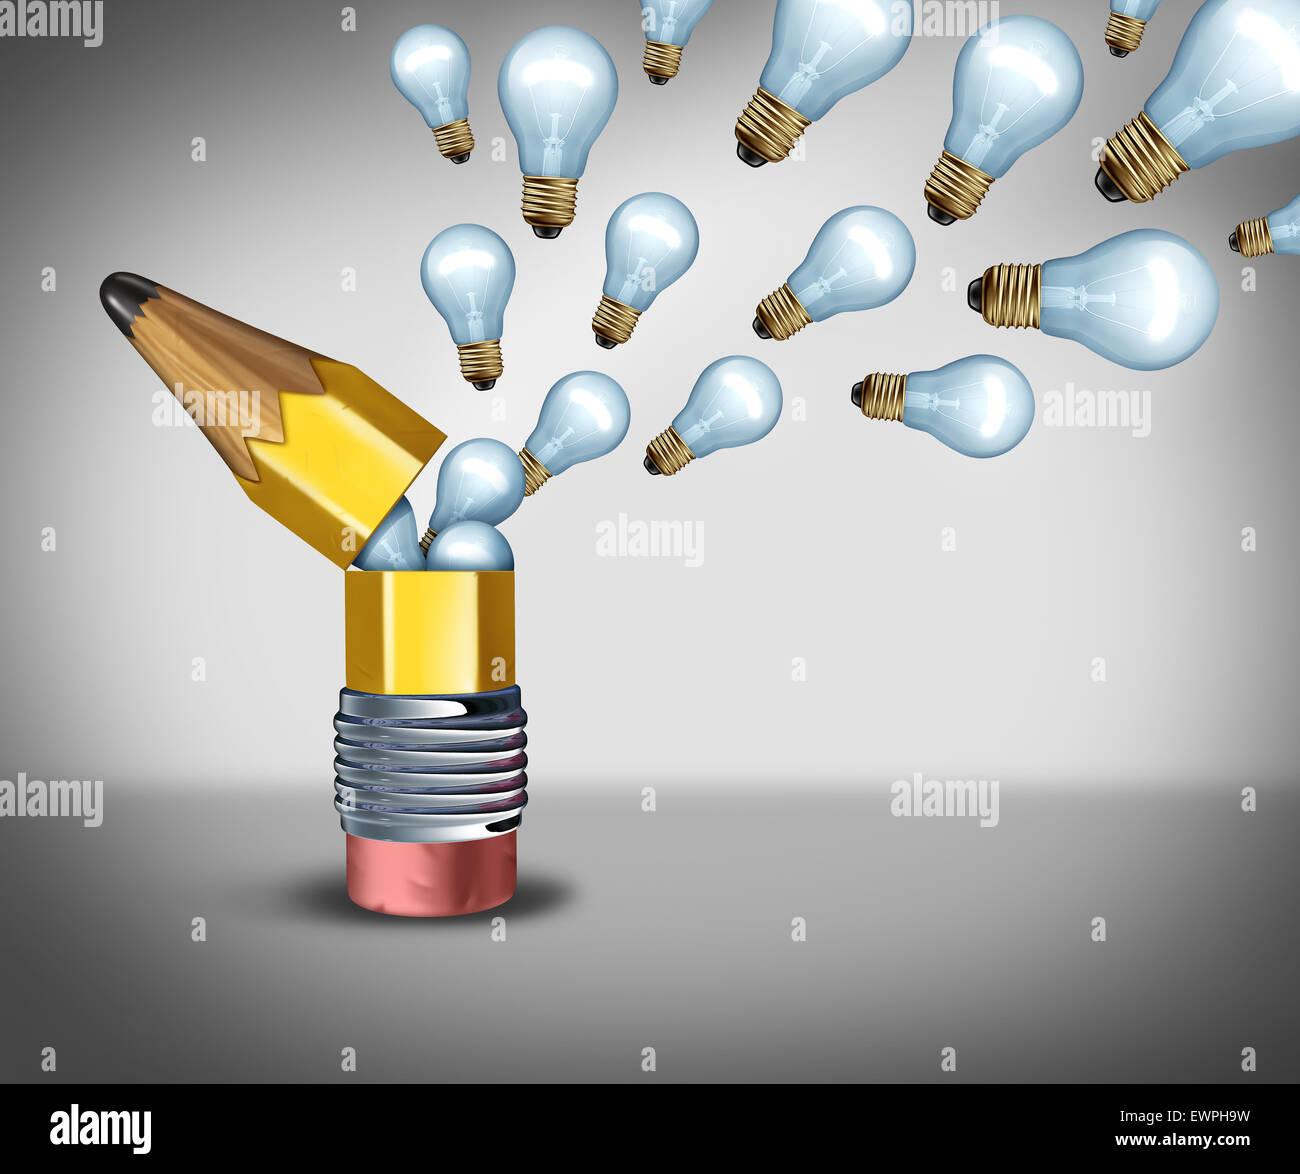 30 Creative Open Concept: Open Creativity Idea Concept As An Imagination Symbol For